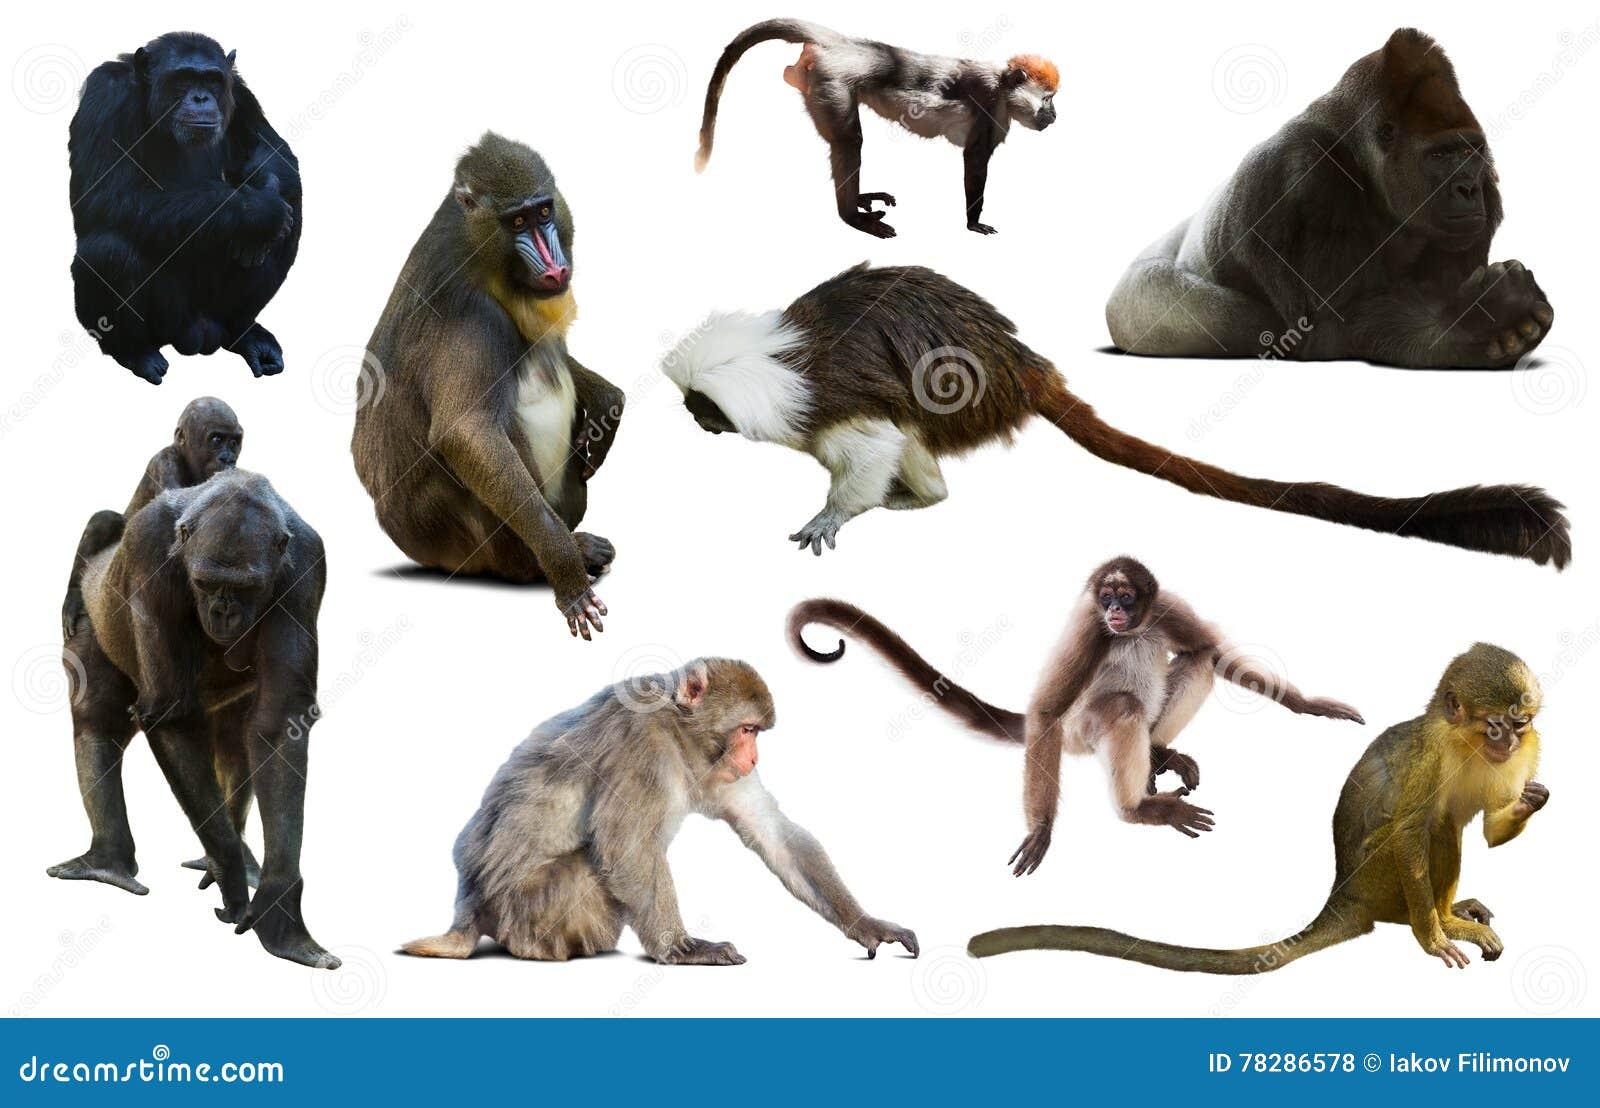 Uppsättning av primat